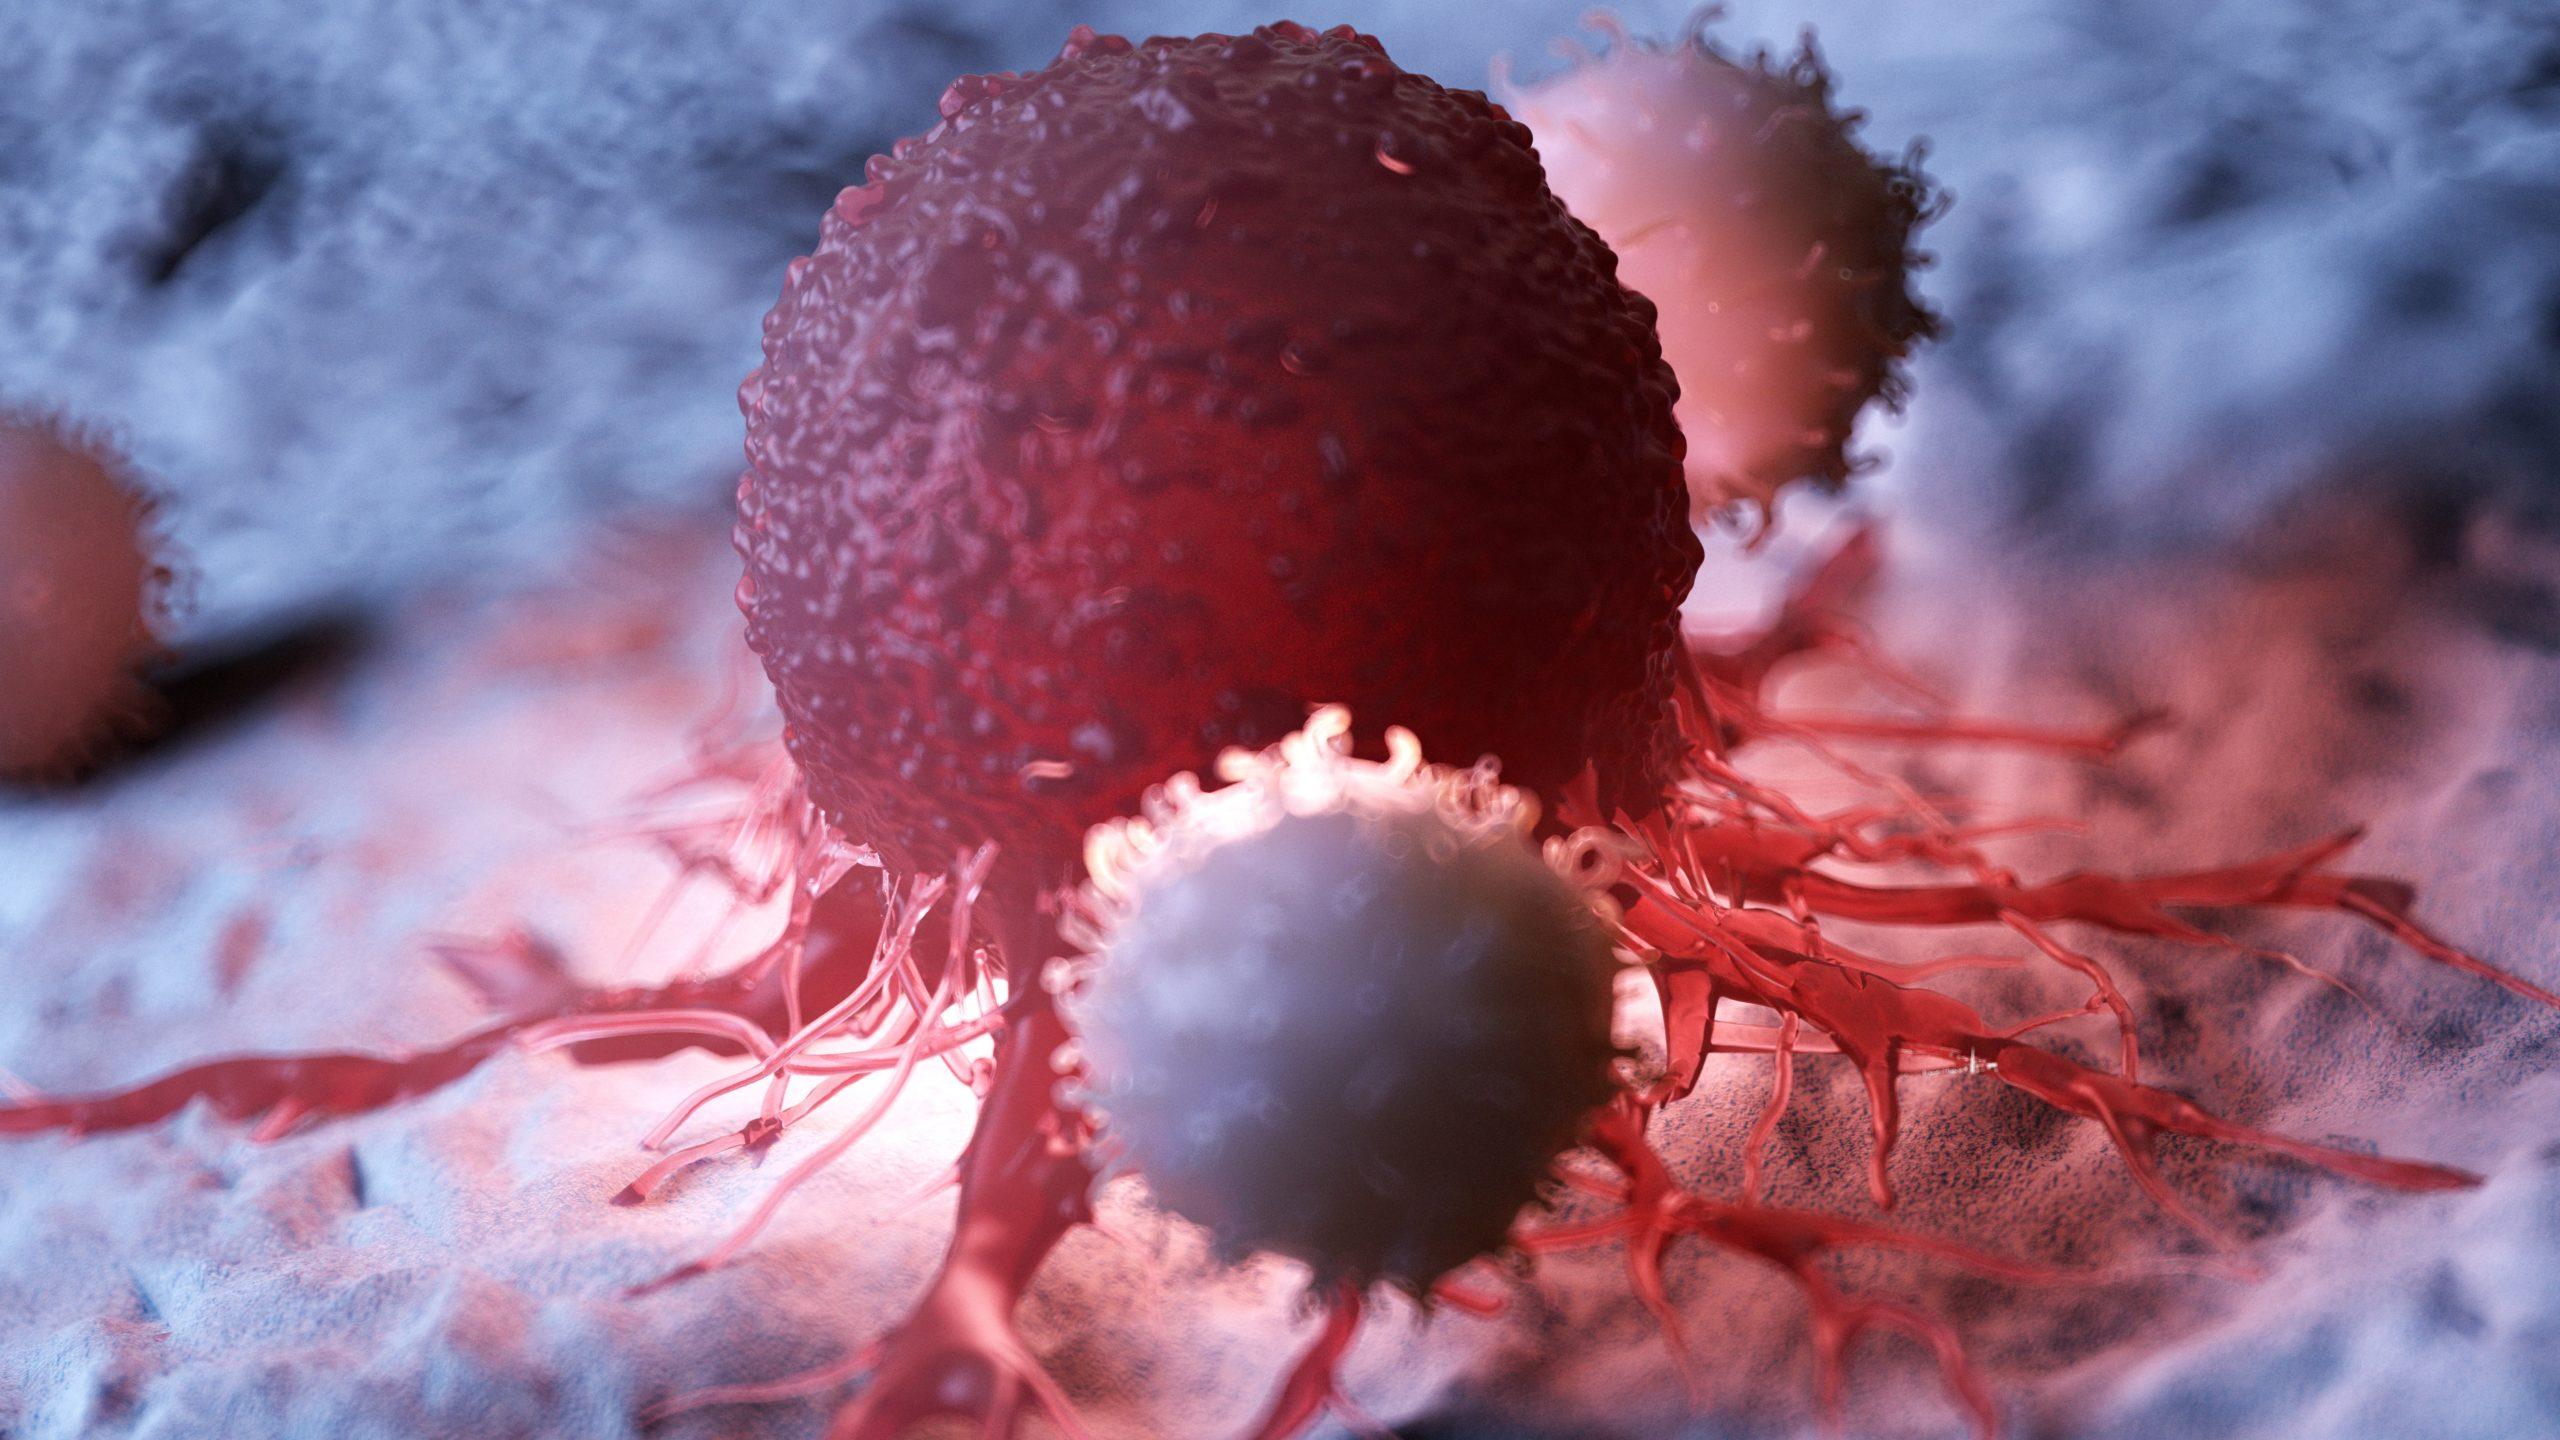 Καρκίνος: Nέα γονιδιακή θεραπεία in vitro θα μπορούσε να είναι αποτελεσματική έναντι πολλών τύπων καρκίνου